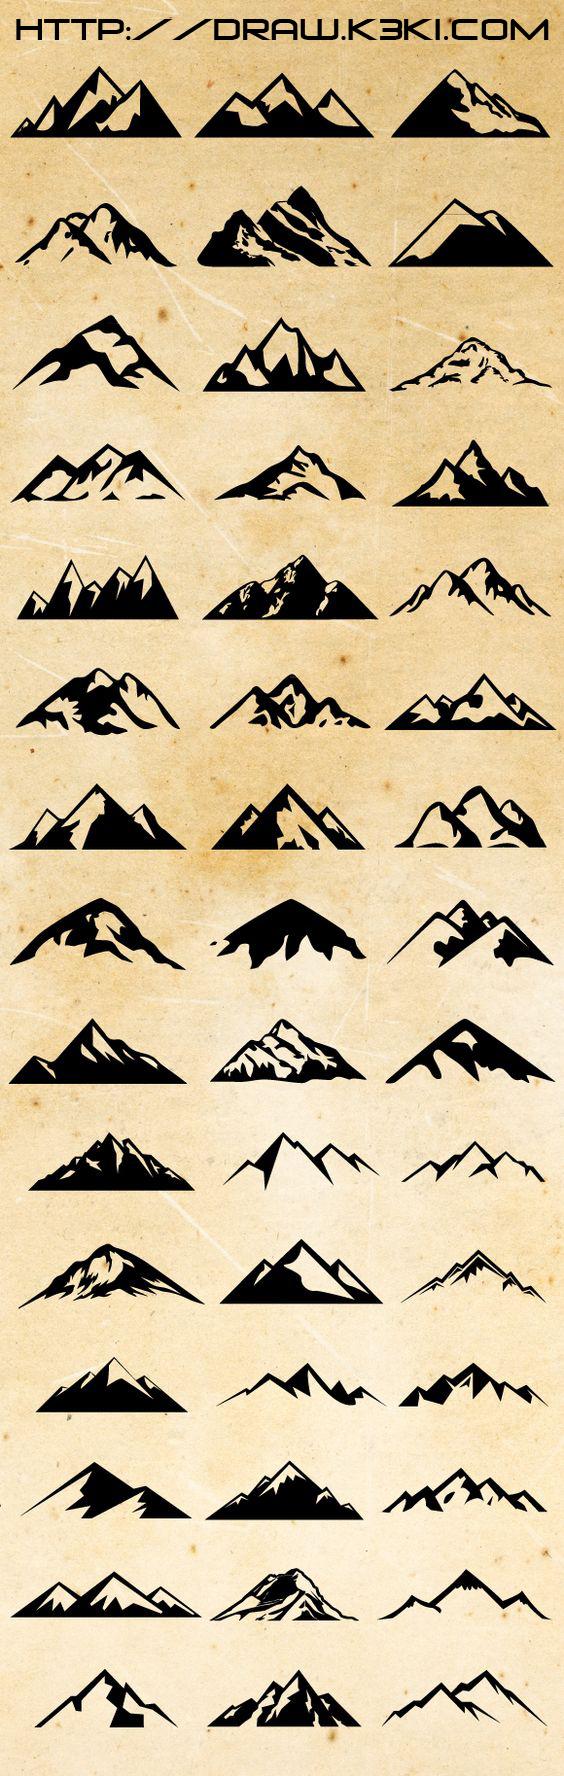 كيفية رسم الجبال